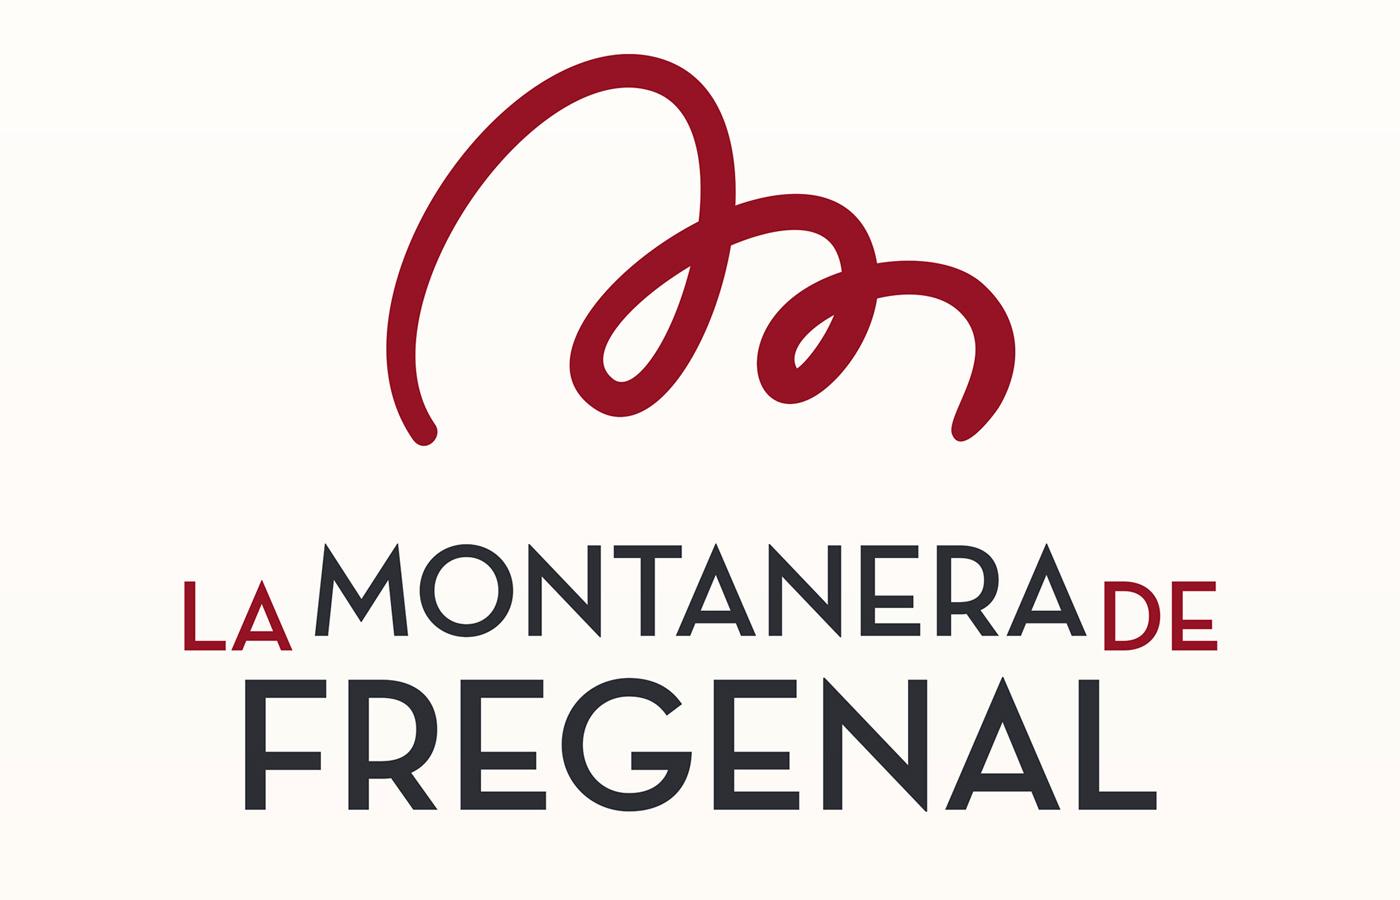 LA MONTANERA DE FREGENAL